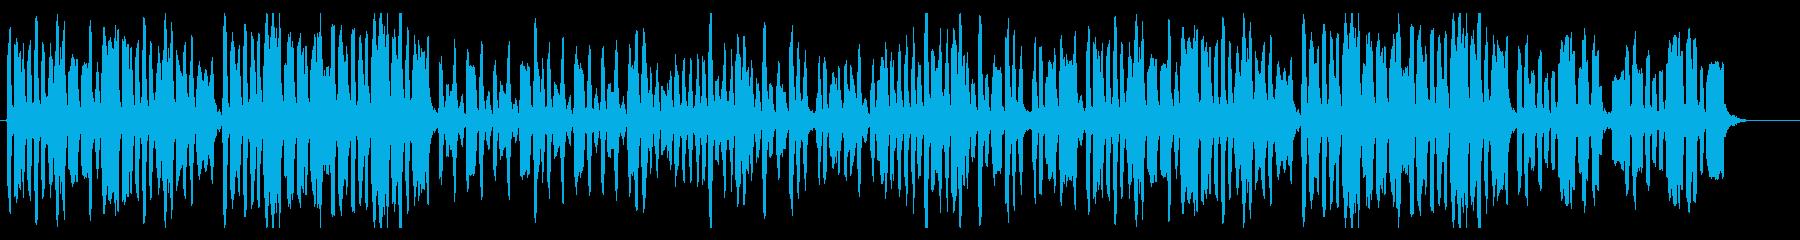 少年達が奏でるほのぼの軽快リコーダー曲の再生済みの波形